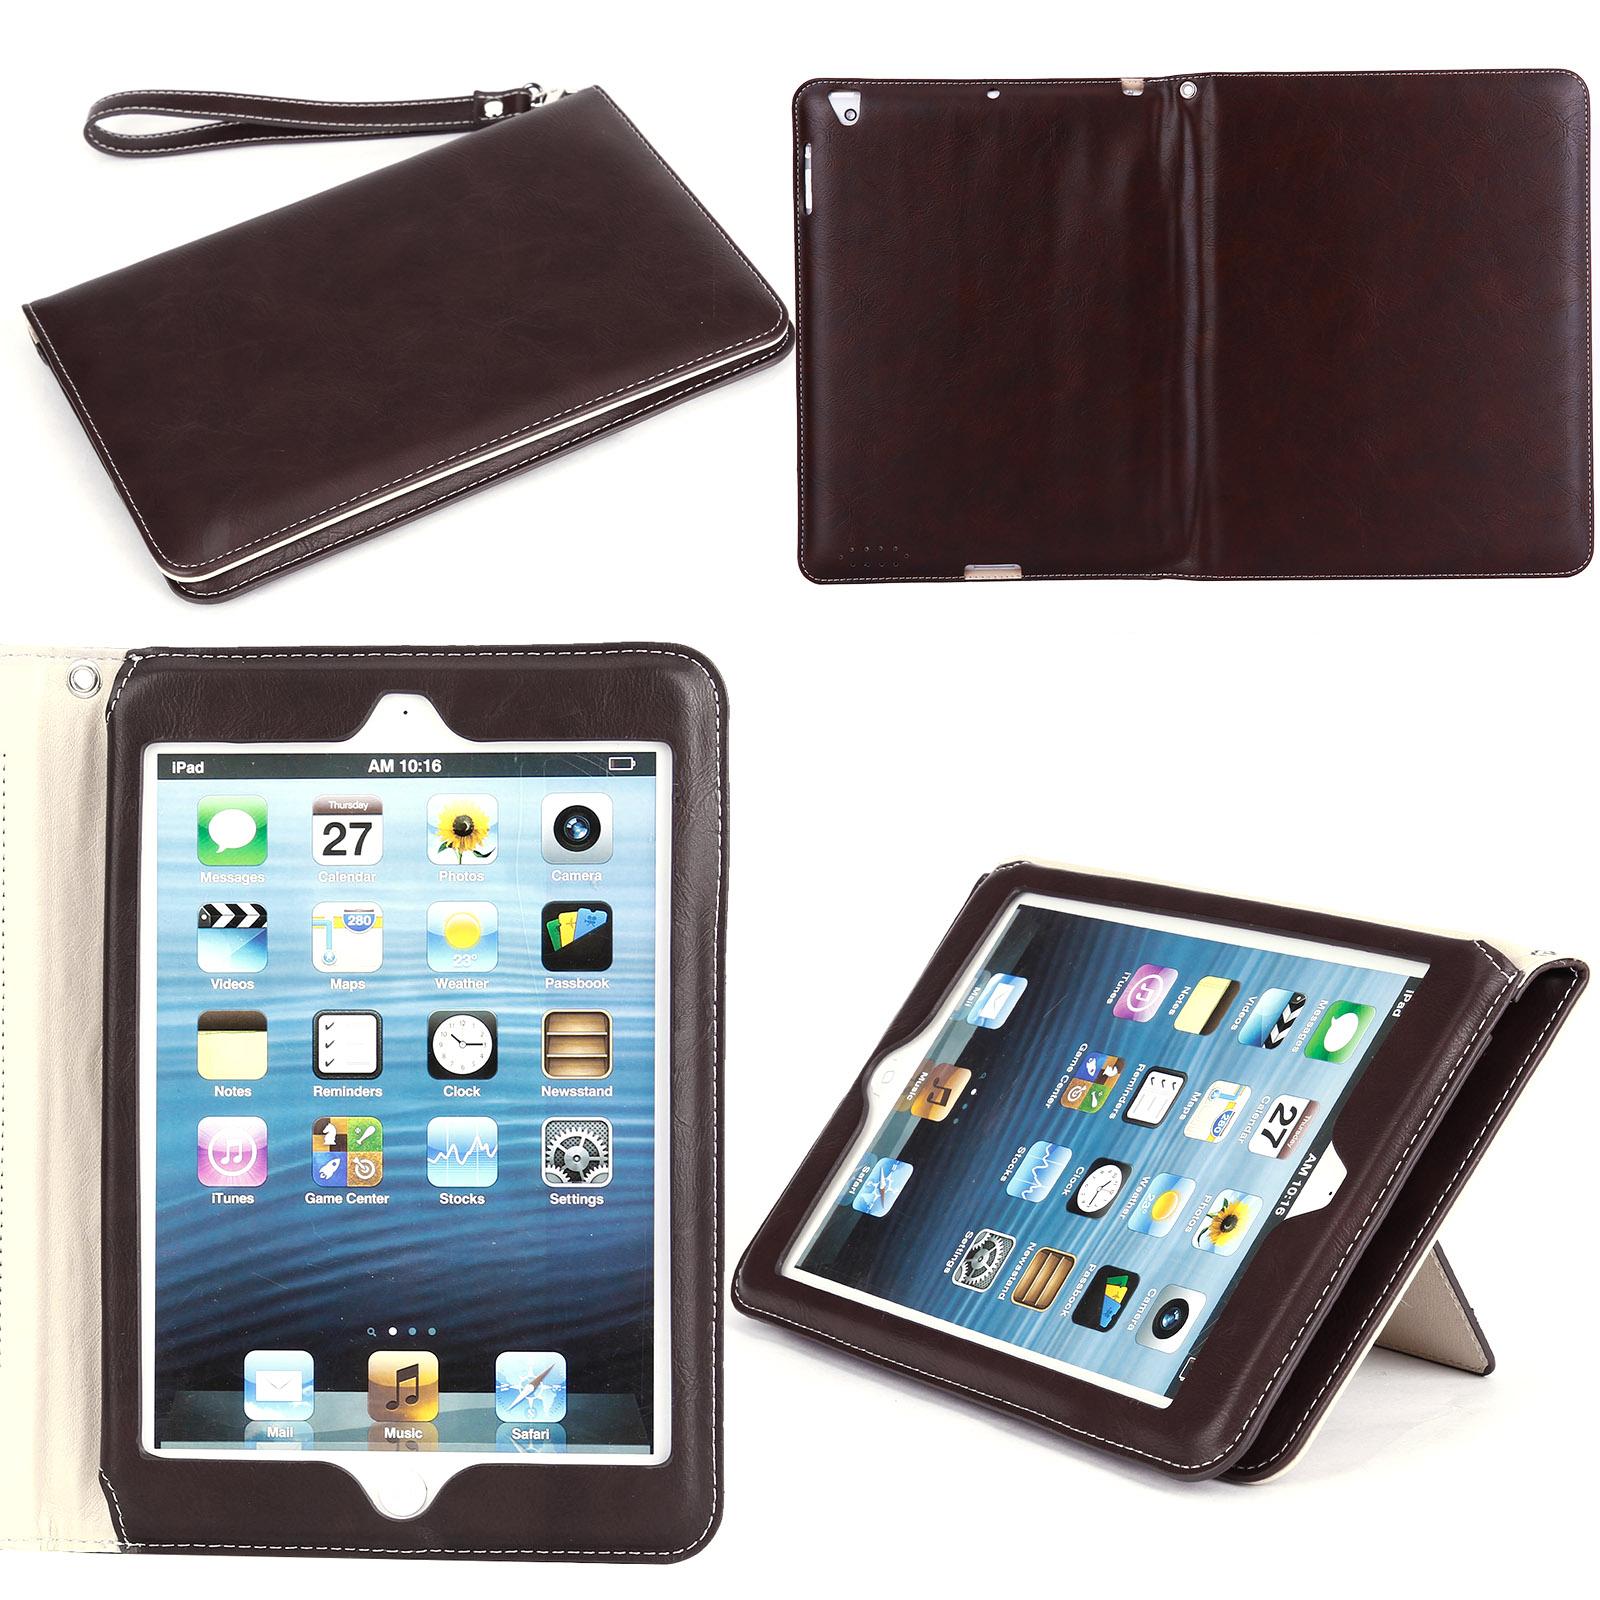 Housse pochette pour ipad mini ipad pro ipad air noir brun for Housse i pad mini